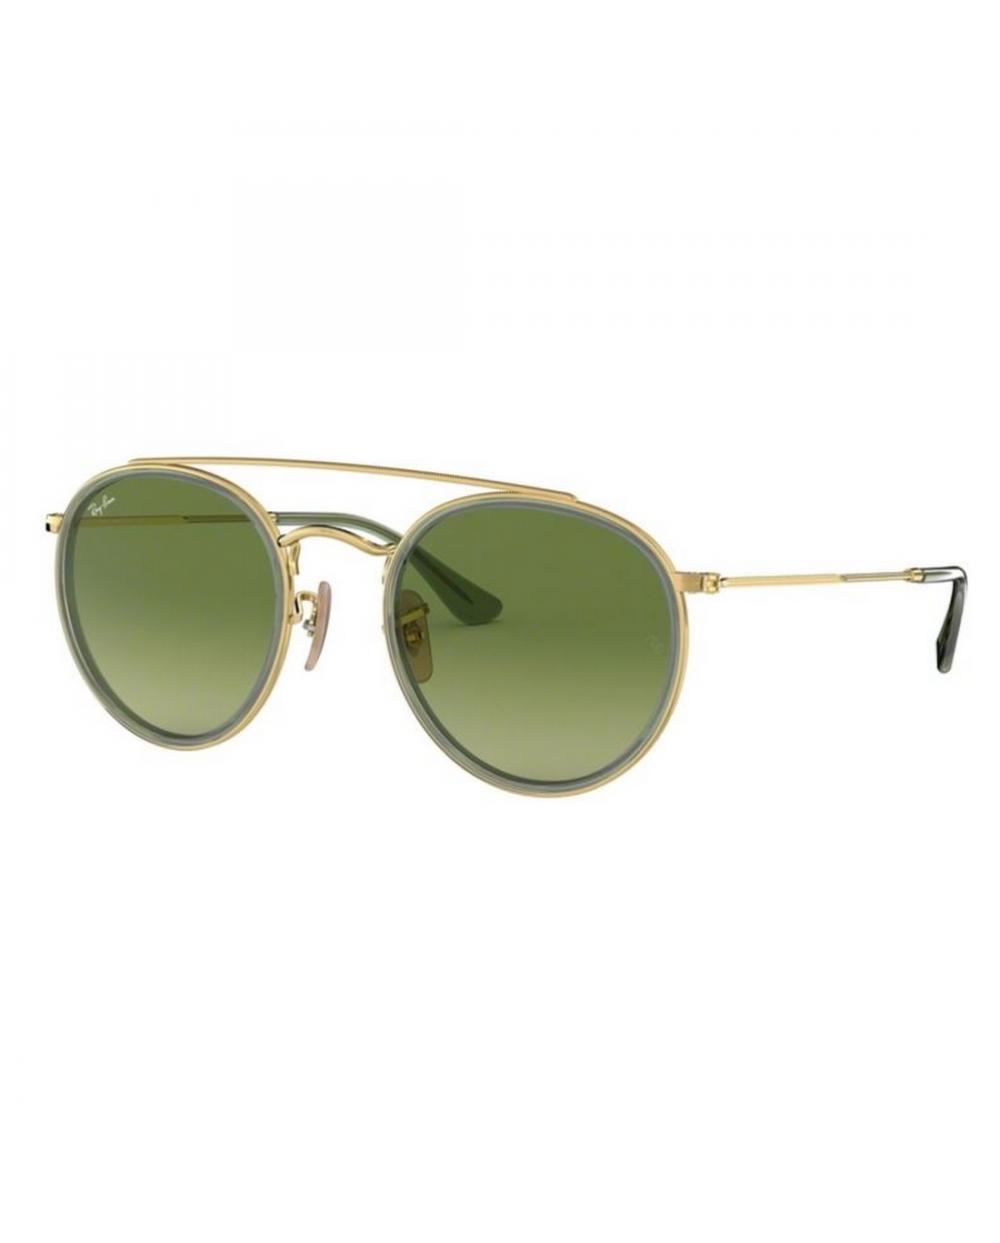 Sonnenbrille Ray Ban RB3647N originalverpackung garantie Italien